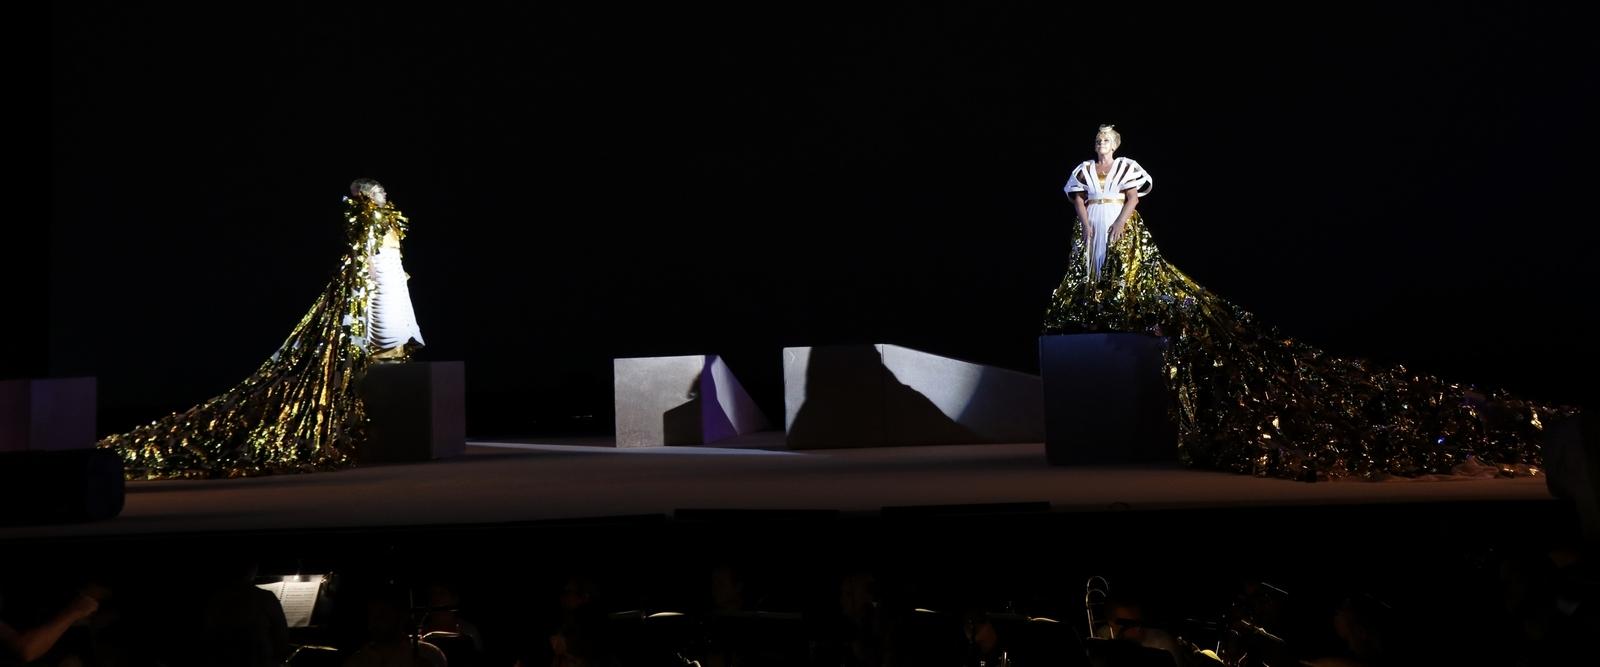 FOTO: Veličanstvena Verdijeva opera na opatijskoj Ljetnoj pozornici